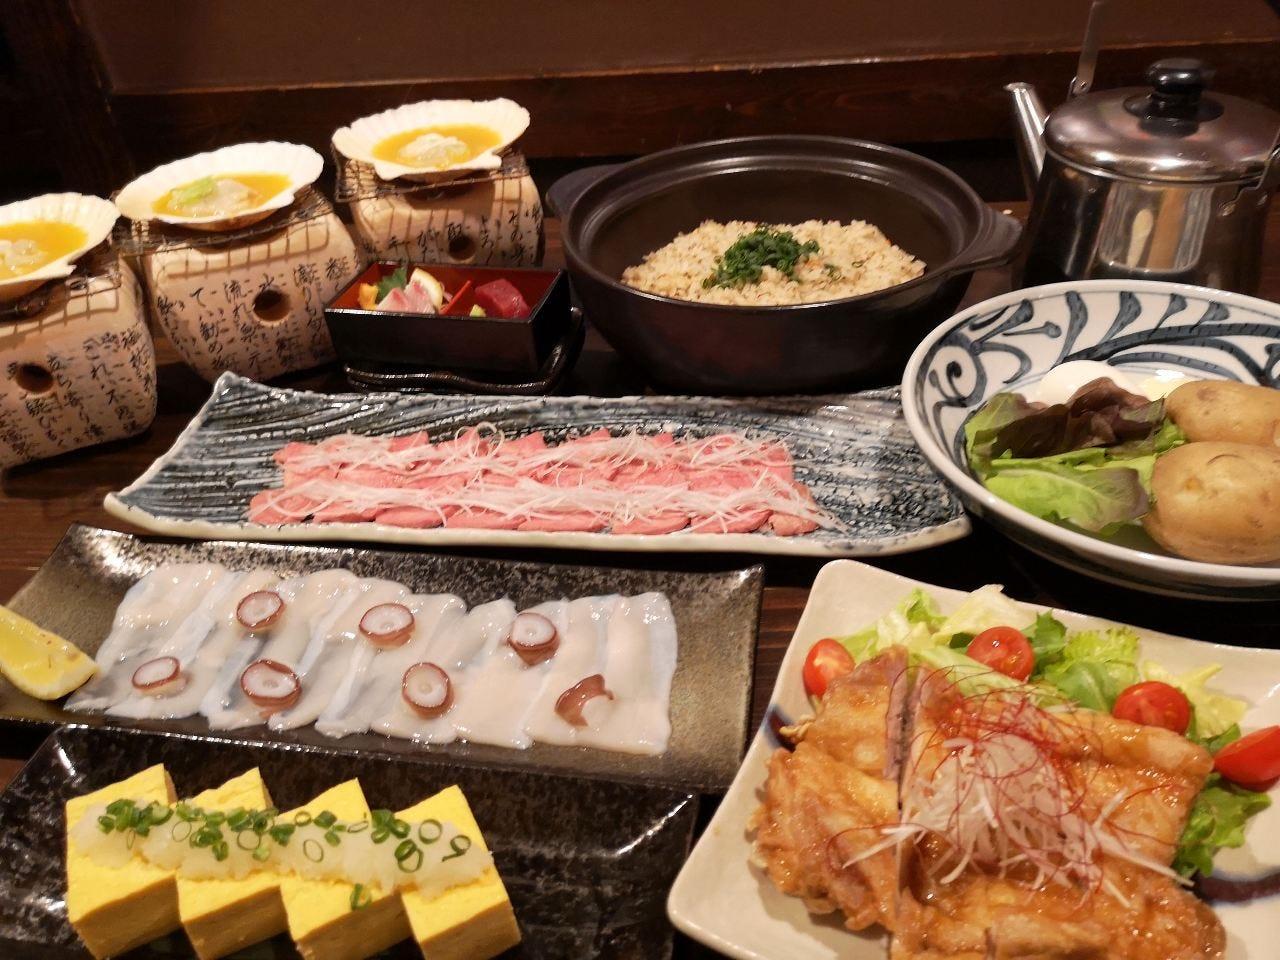 満足!当店5大名物付き!海鮮と牛リブアイステーキを味わう5000円コース!!(2時間飲み放題付)